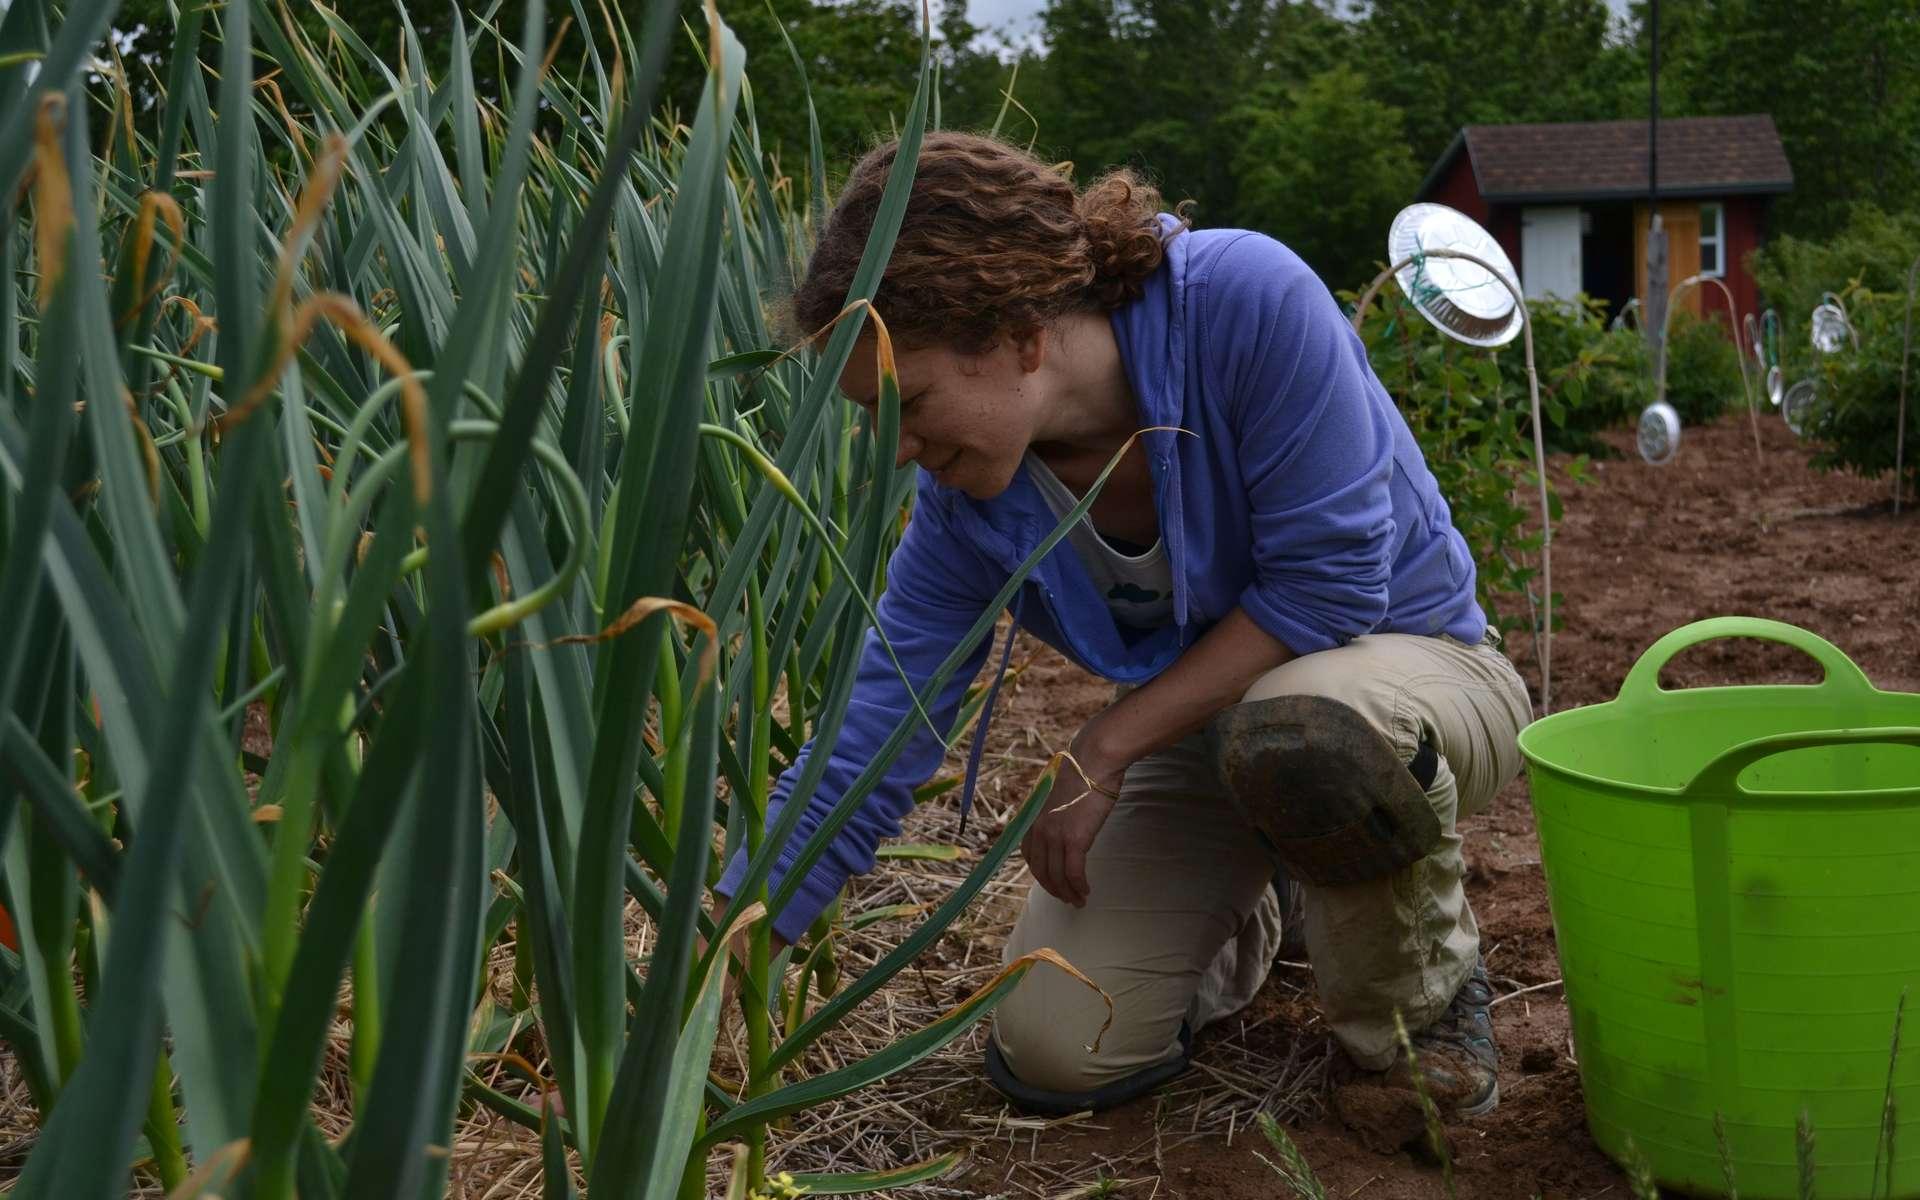 Le désherbage à la main de plants d'ail. © WordPress.com